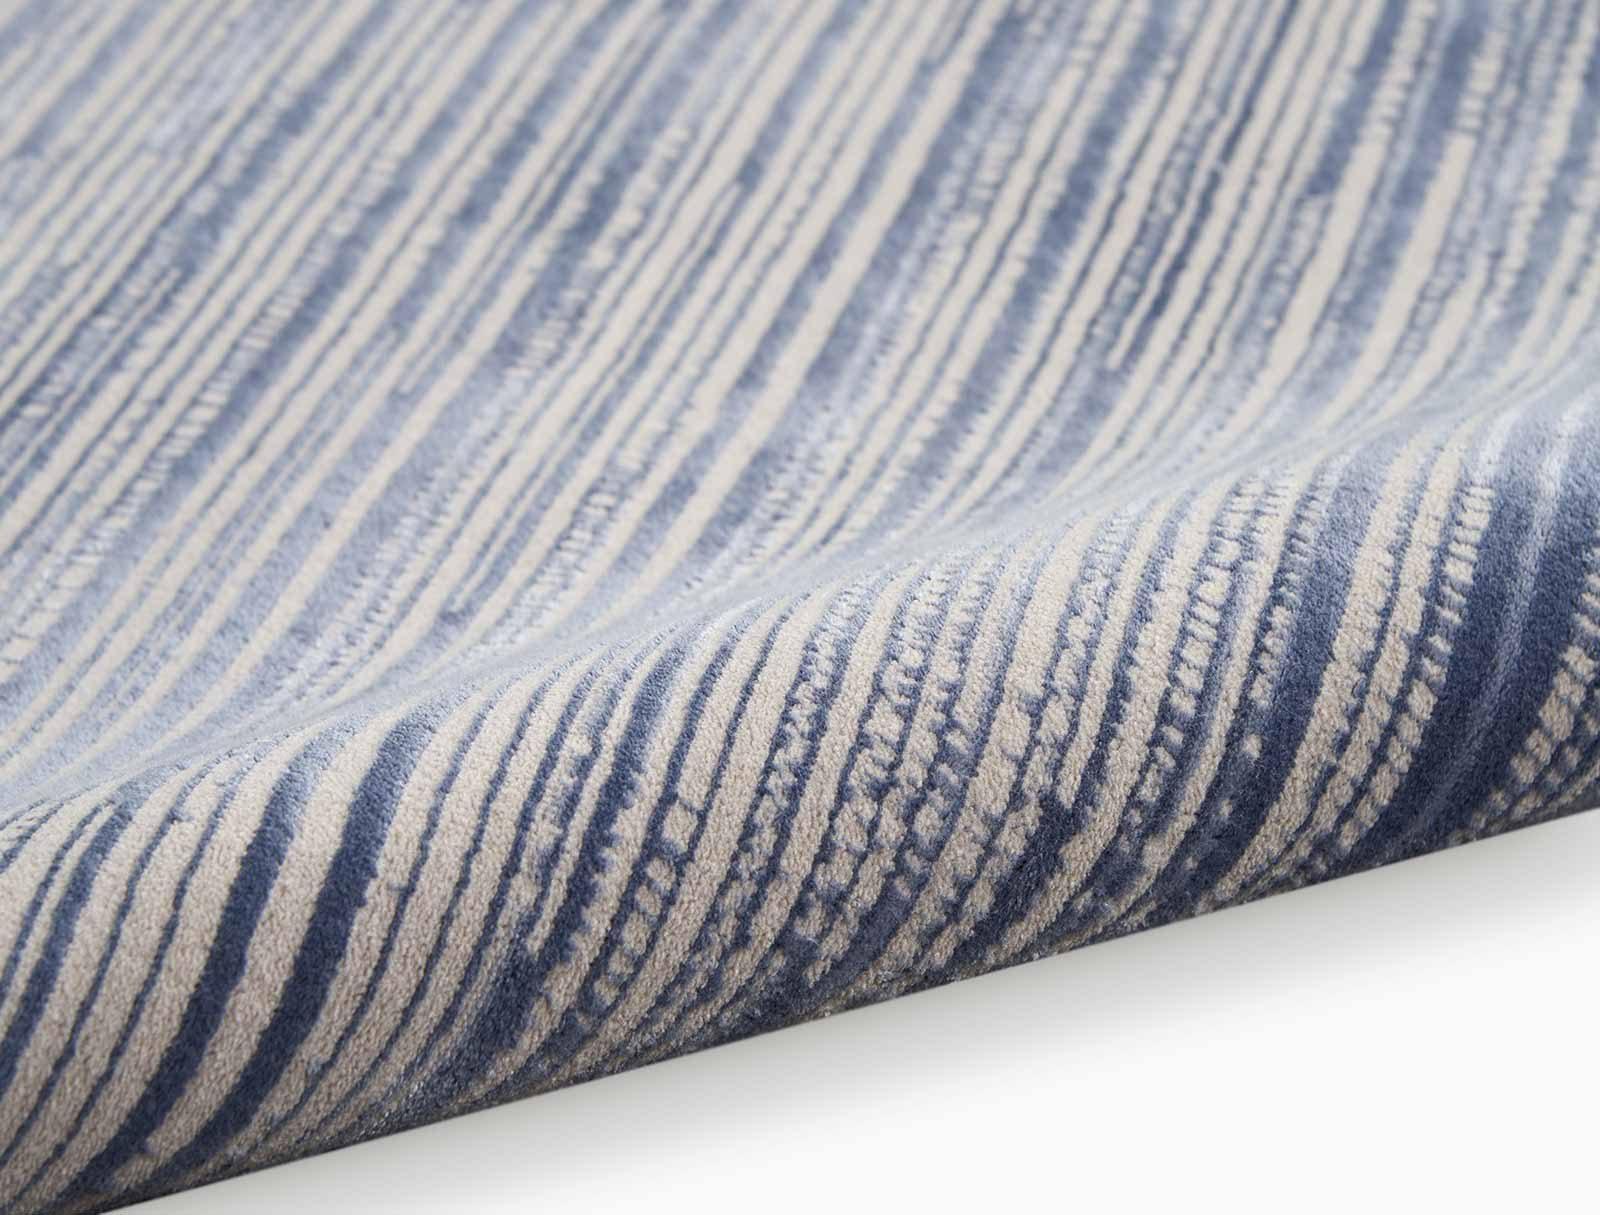 Calvin Klein rug Orlando CK850 CK851 BLUE 5X7 099446487797 alt3 C